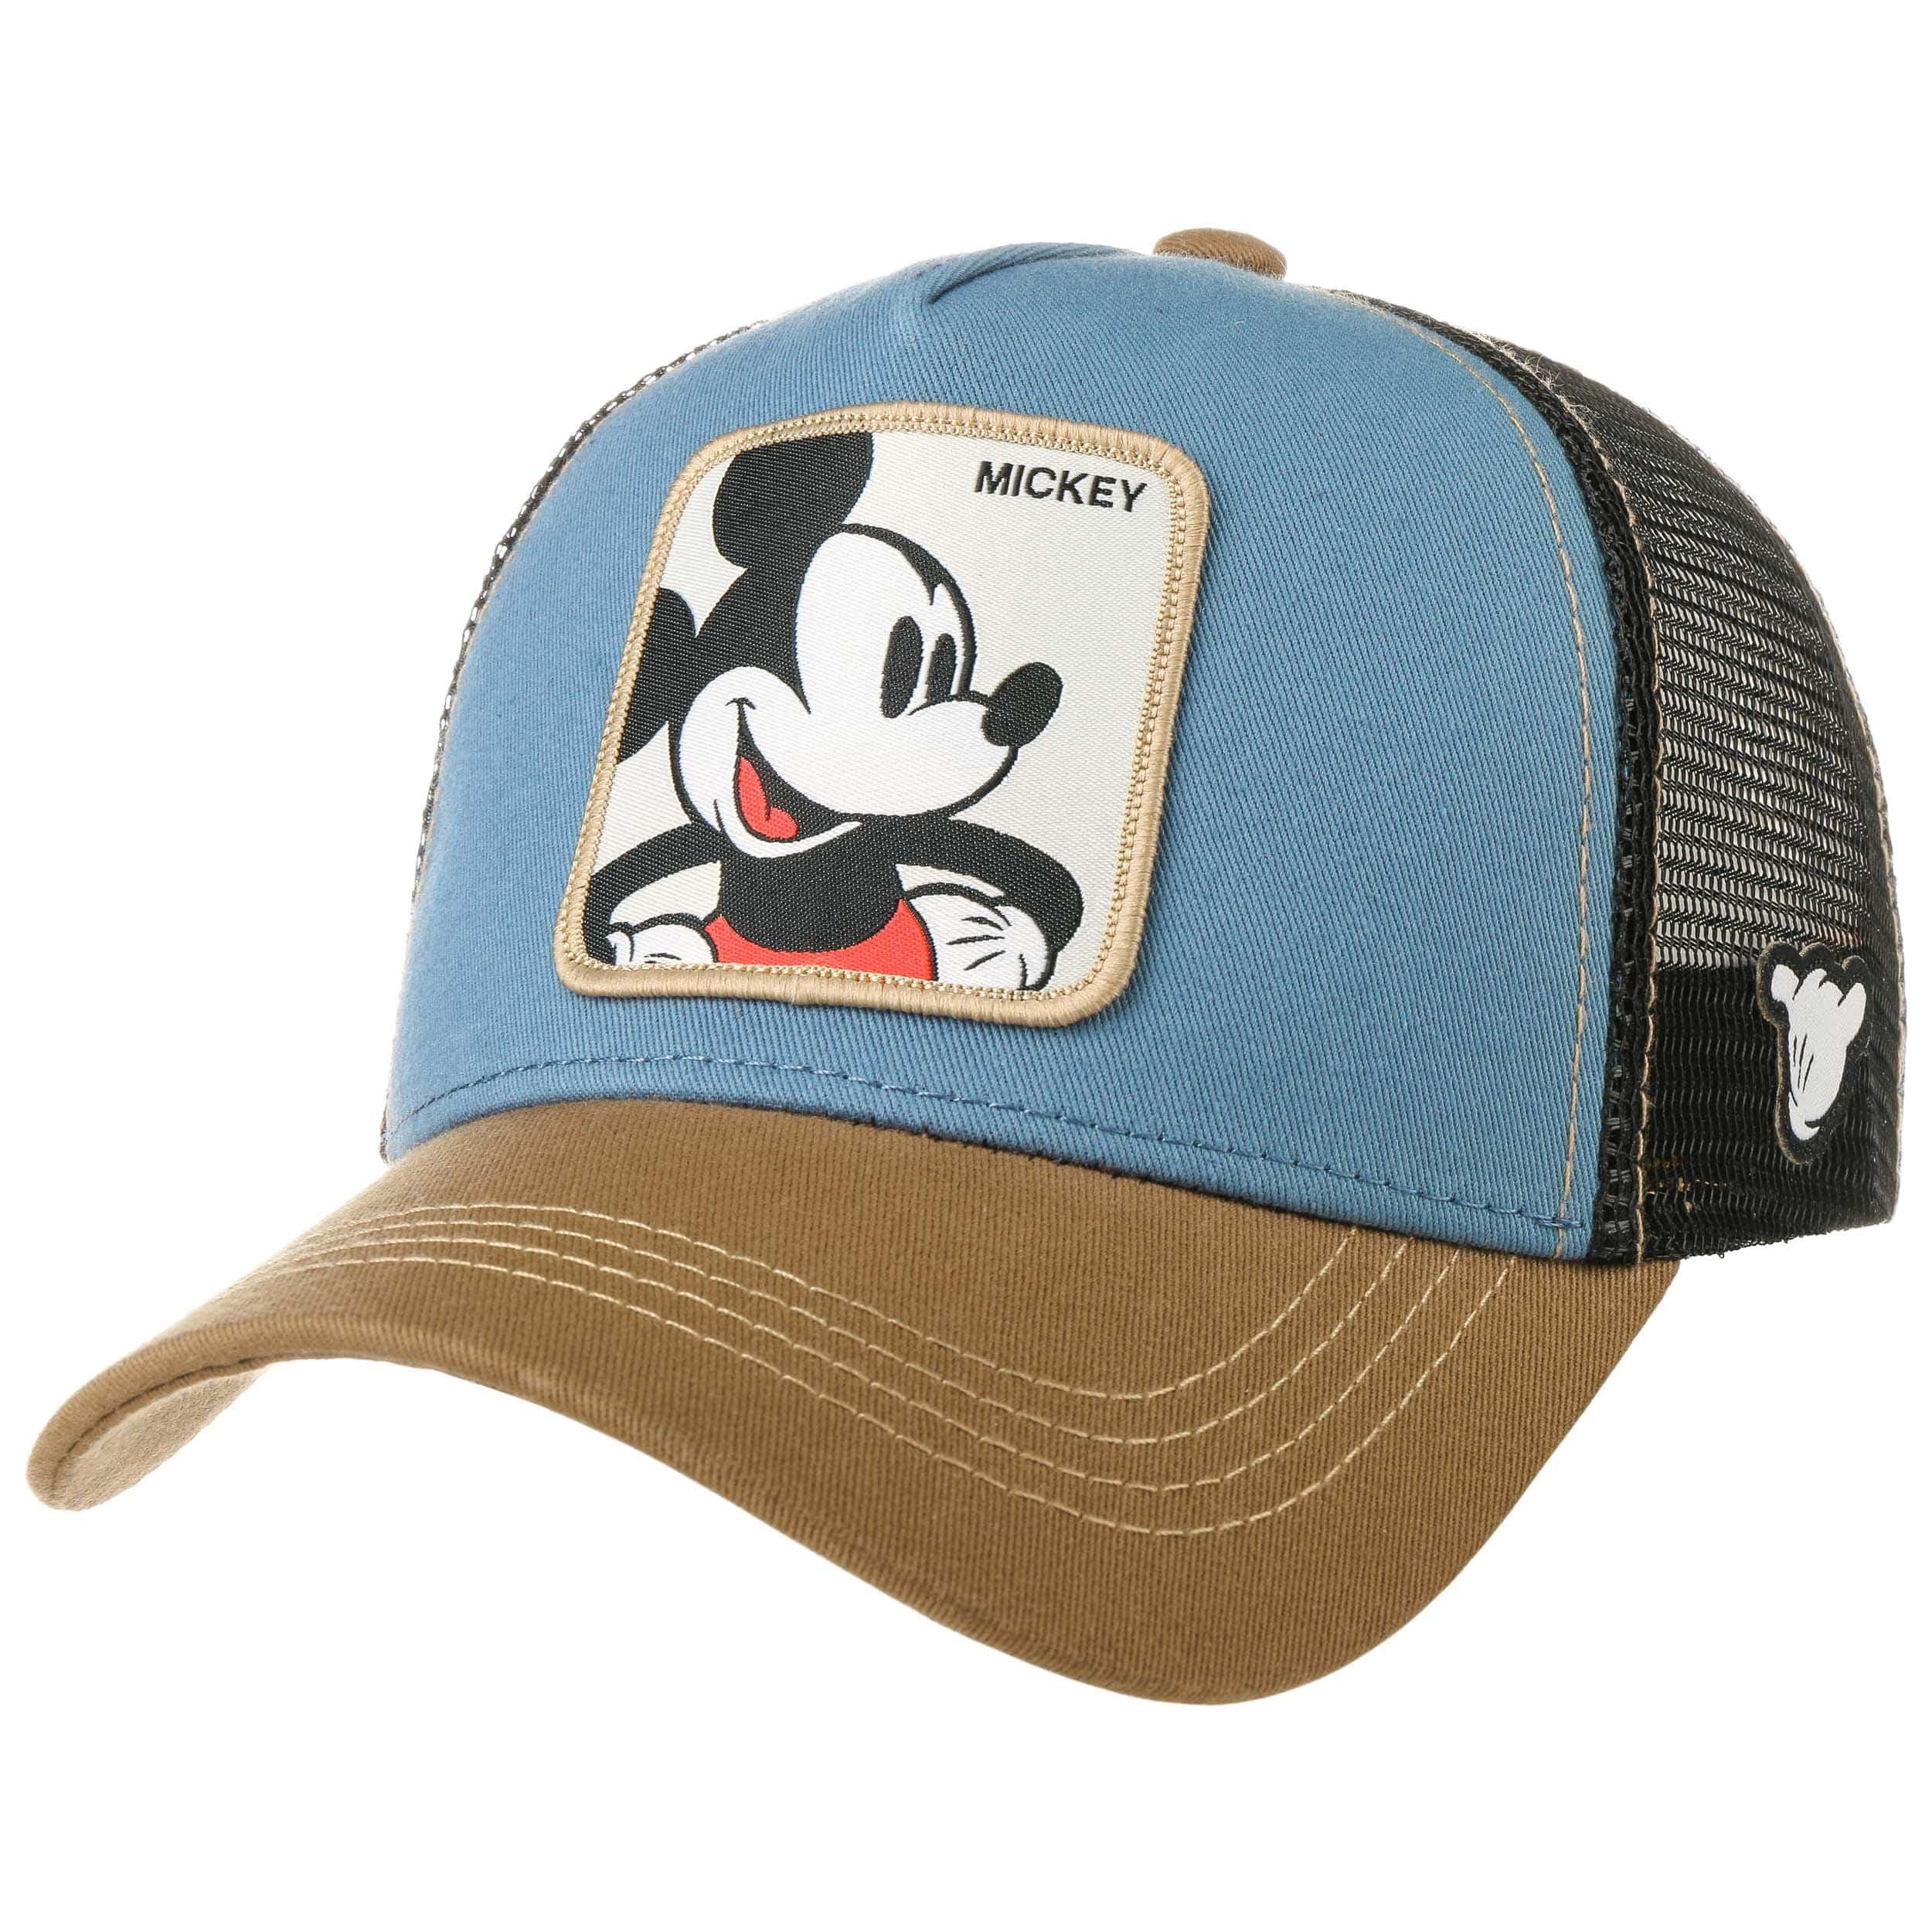 venta caliente más nuevo último estilo de 2019 Super descuento Disney Mickey 1 Trucker Cap by Capslab